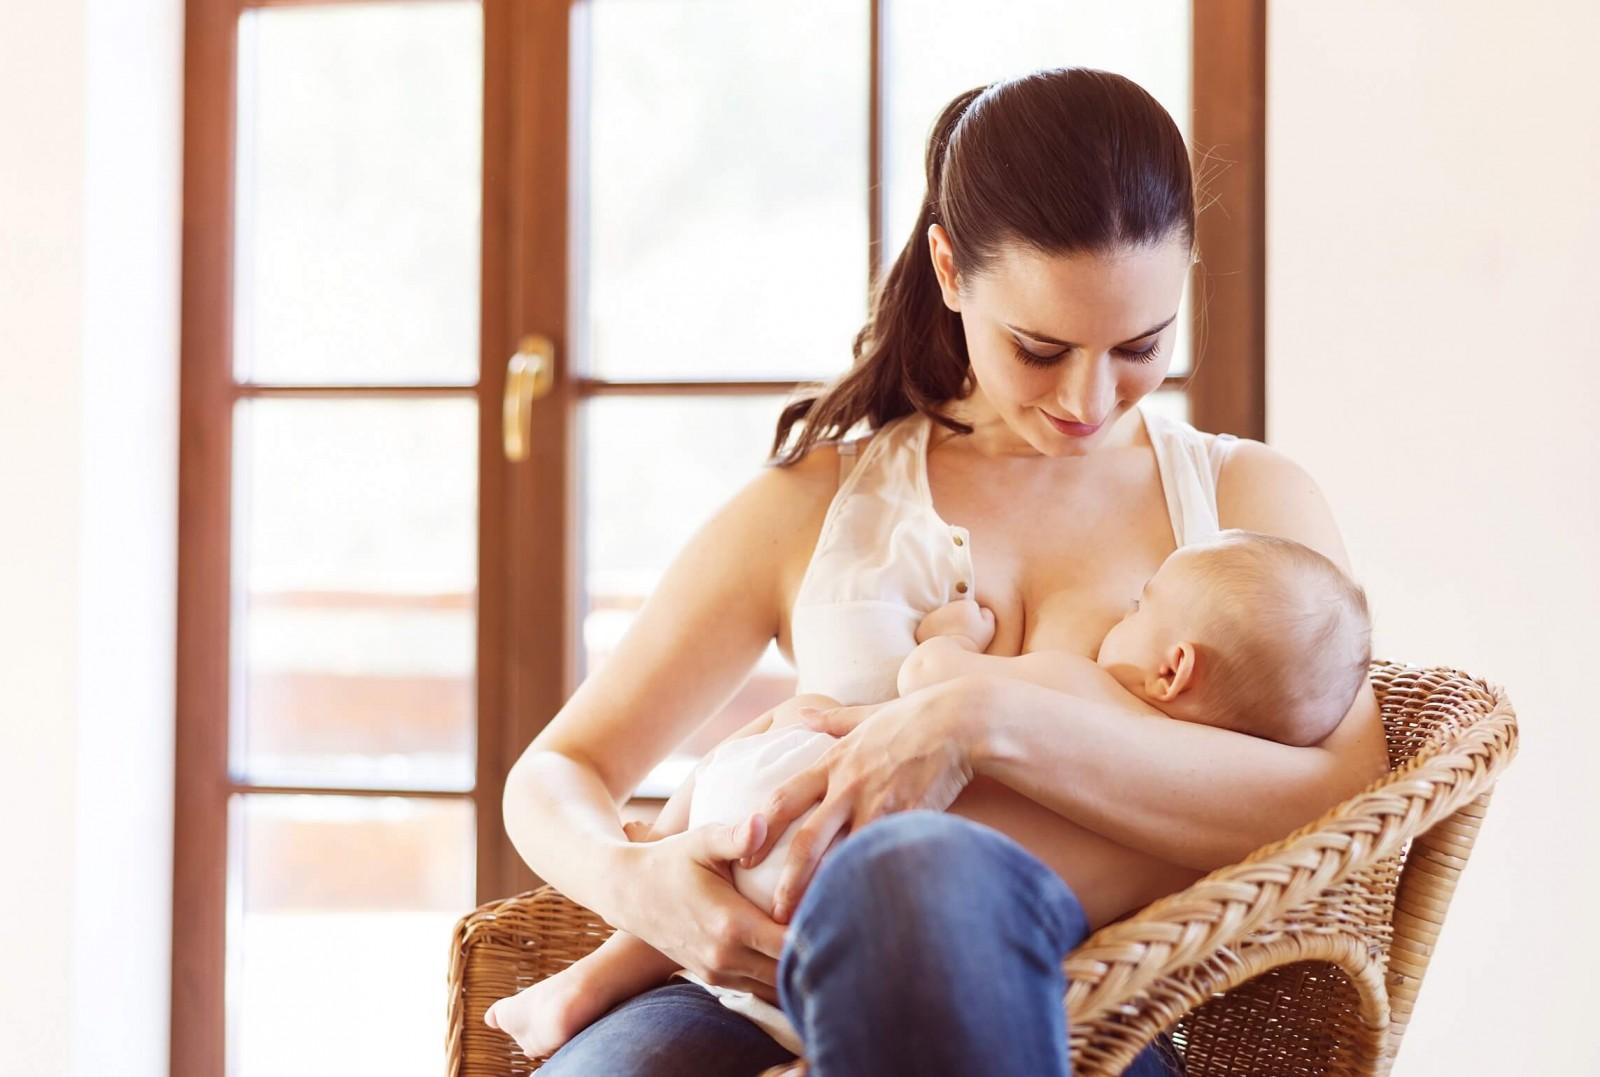 Годування грудної дитини - по режиму чи за вимогою?